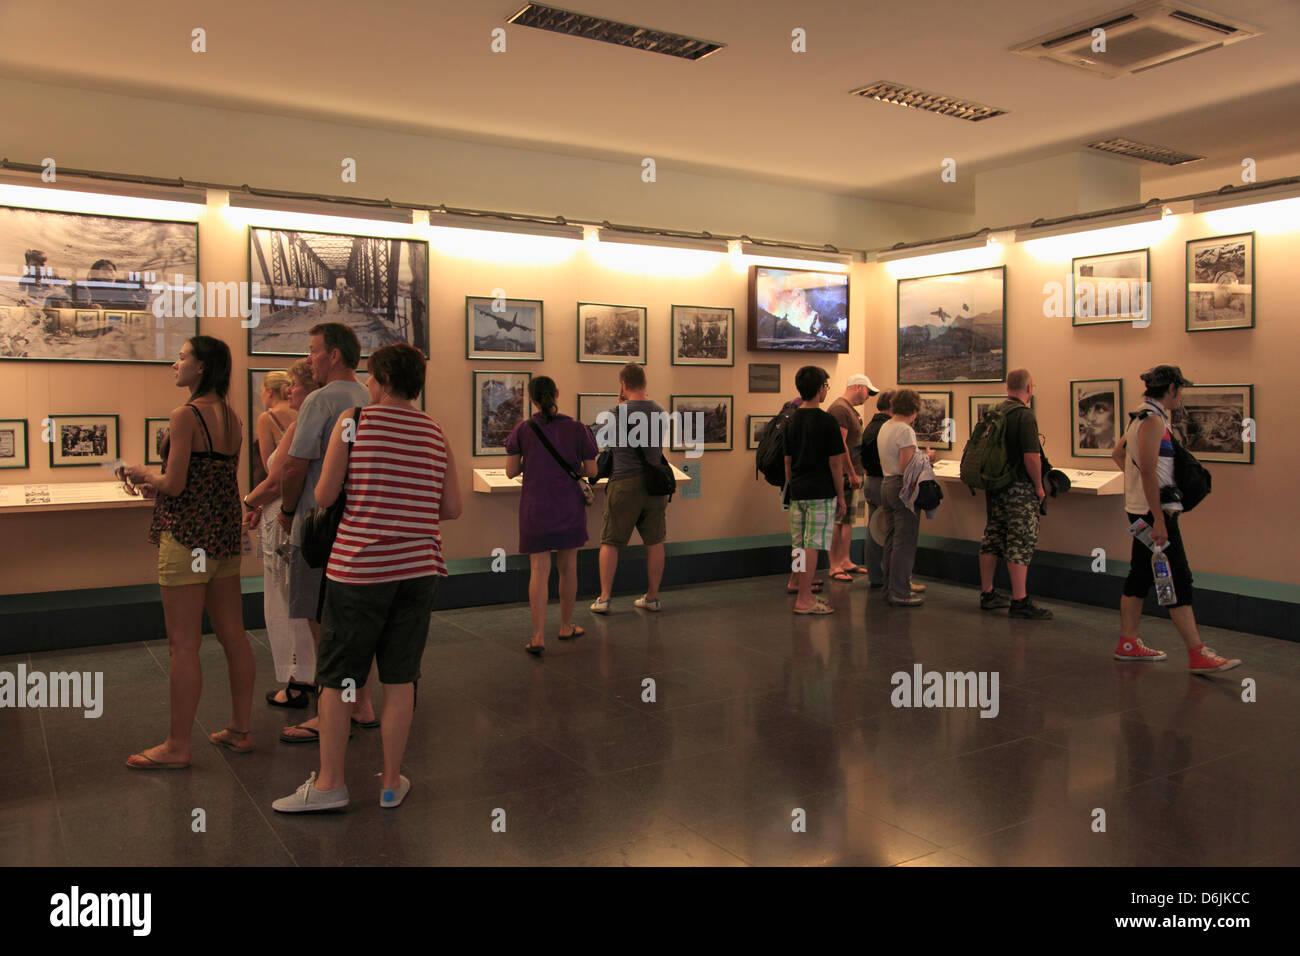 Requiem mostrano Residuati Bellici Museum, la città di Ho Chi Minh (Saigon), Vietnam, Indocina, Asia sud-orientale, Immagini Stock